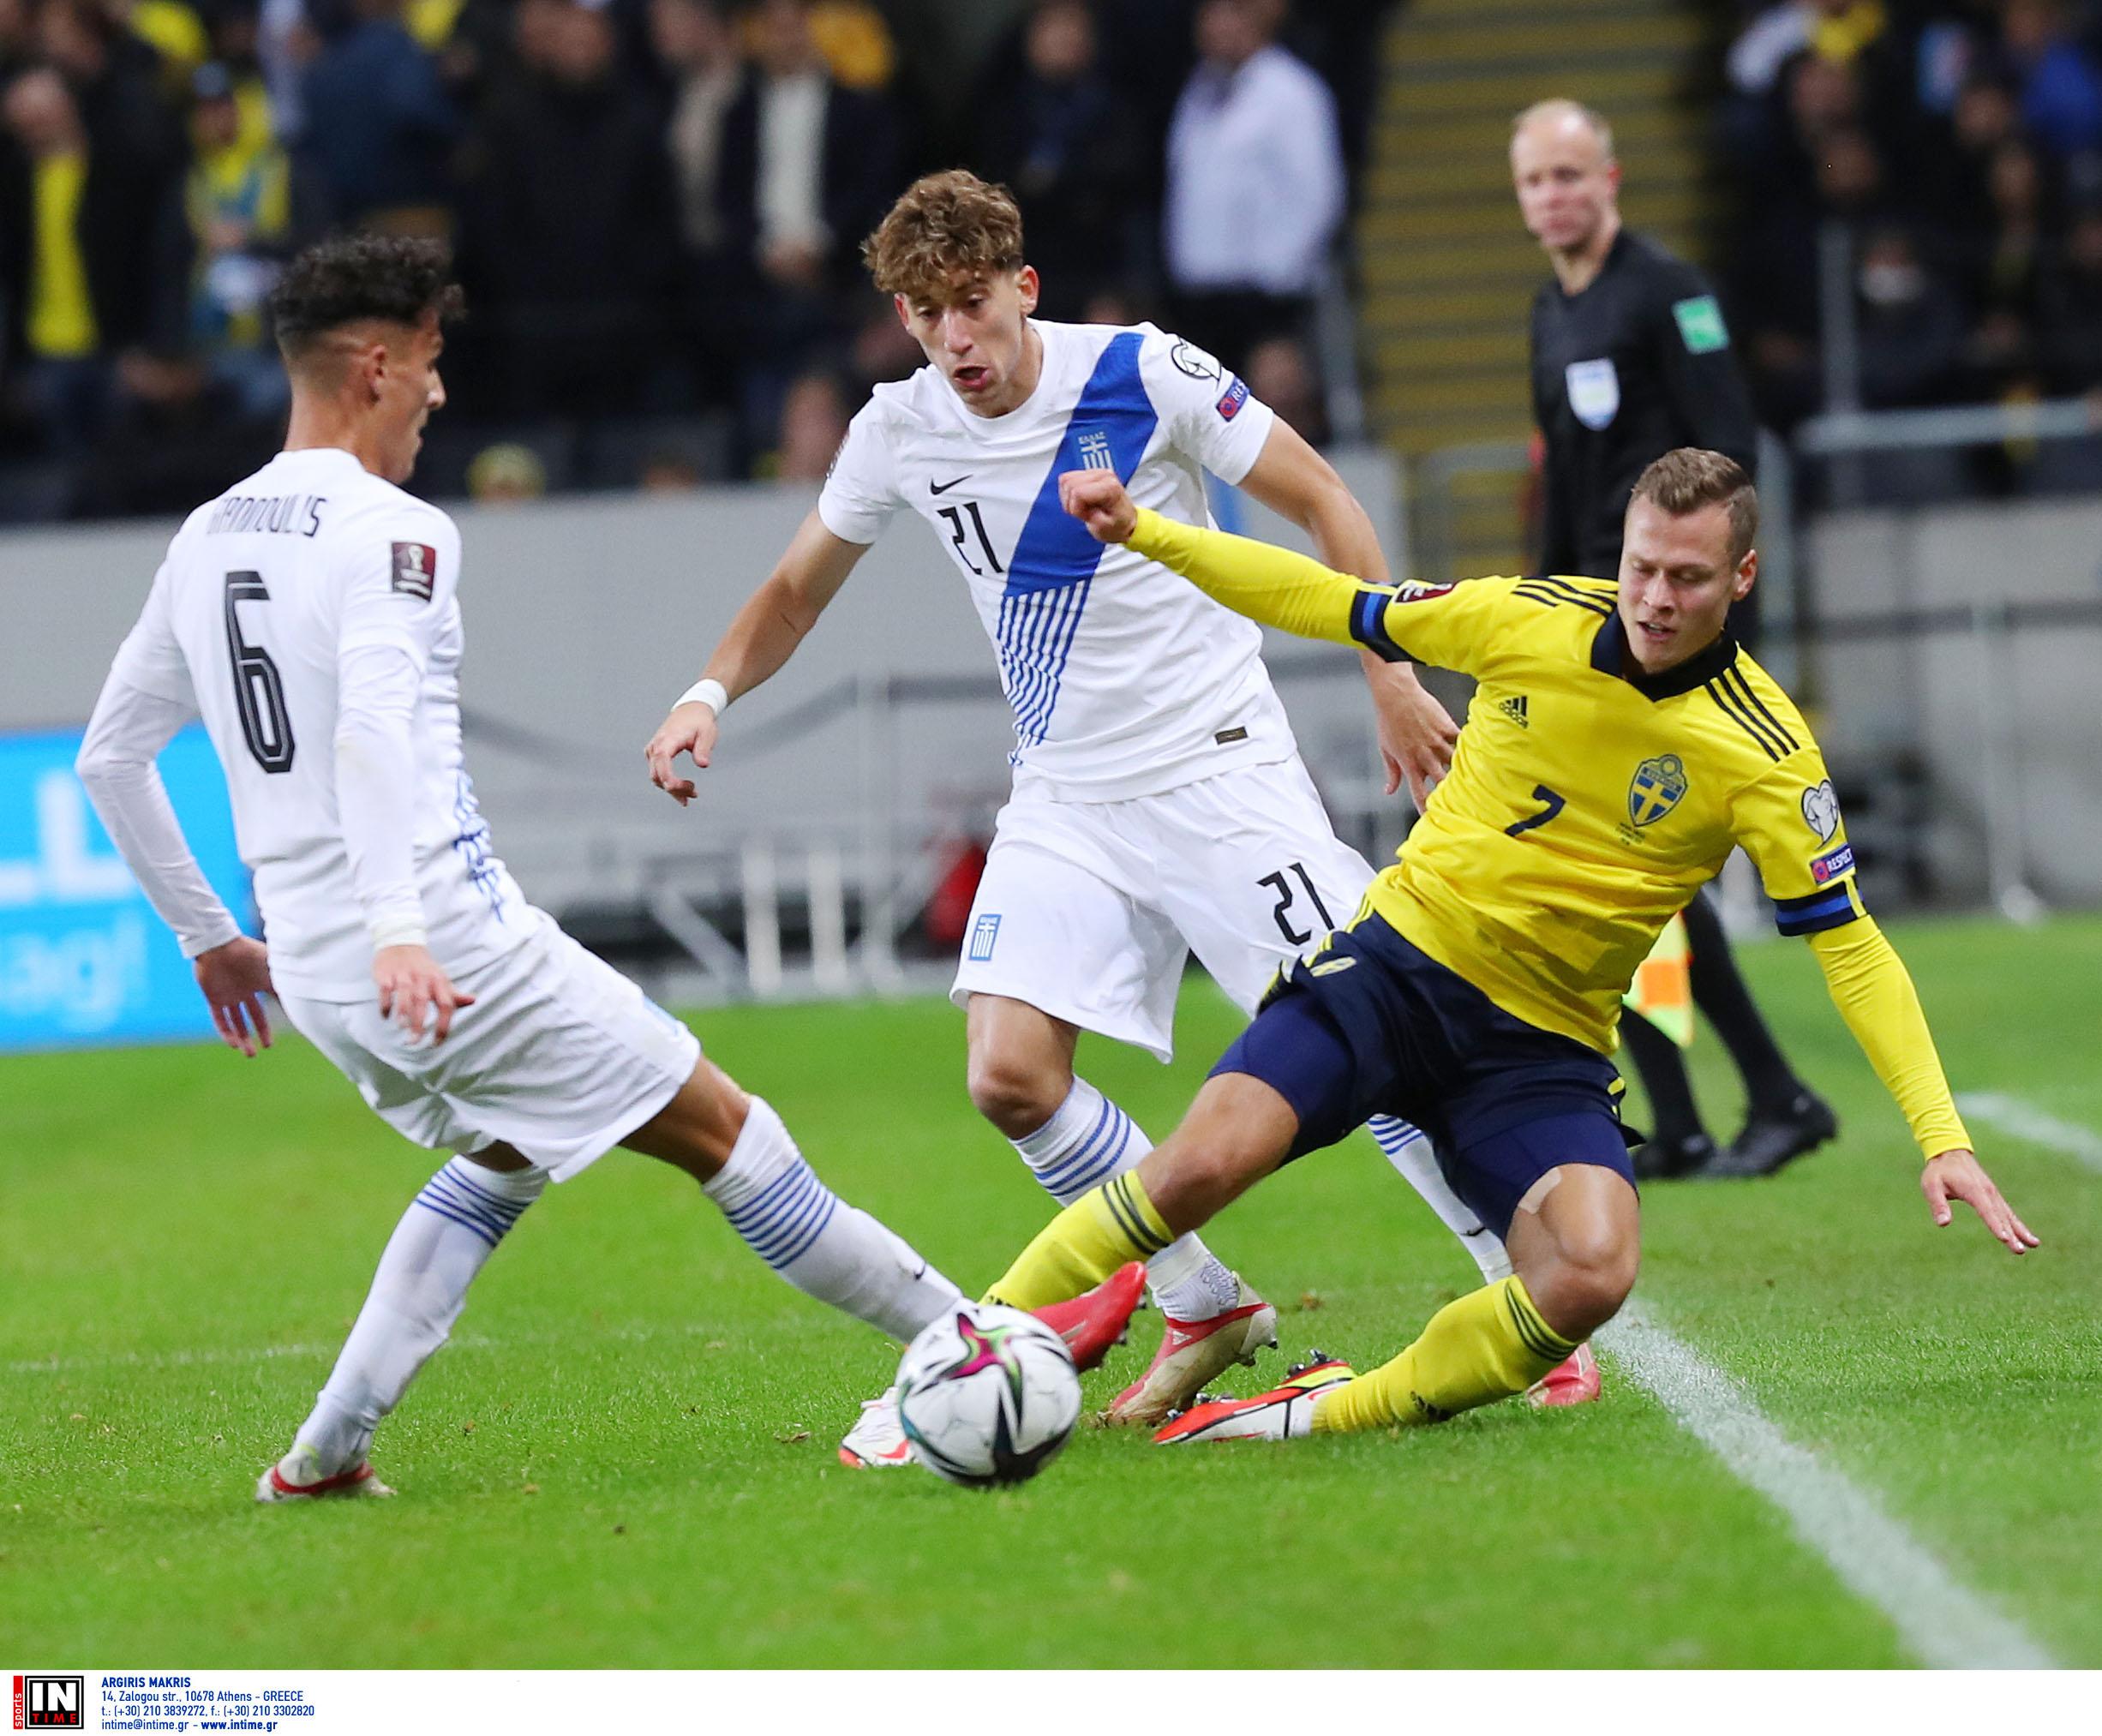 Σουηδία – Ελλάδα 2-0 ΤΕΛΙΚΟ: Μεγάλη προσπάθεια αλλά ήττα στην Στοκχόλμη